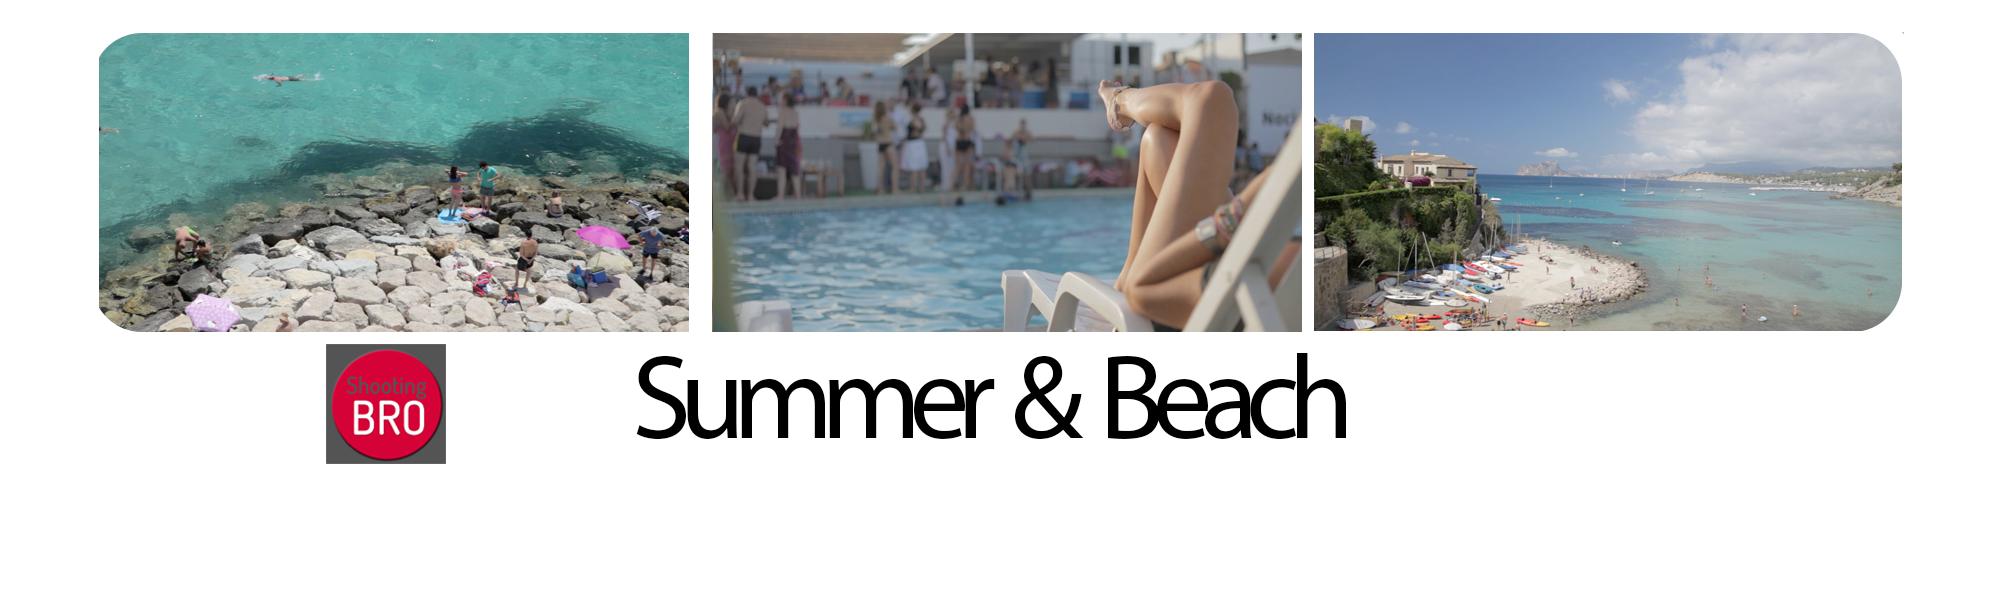 SLIDE VH SUMMER & BEACH